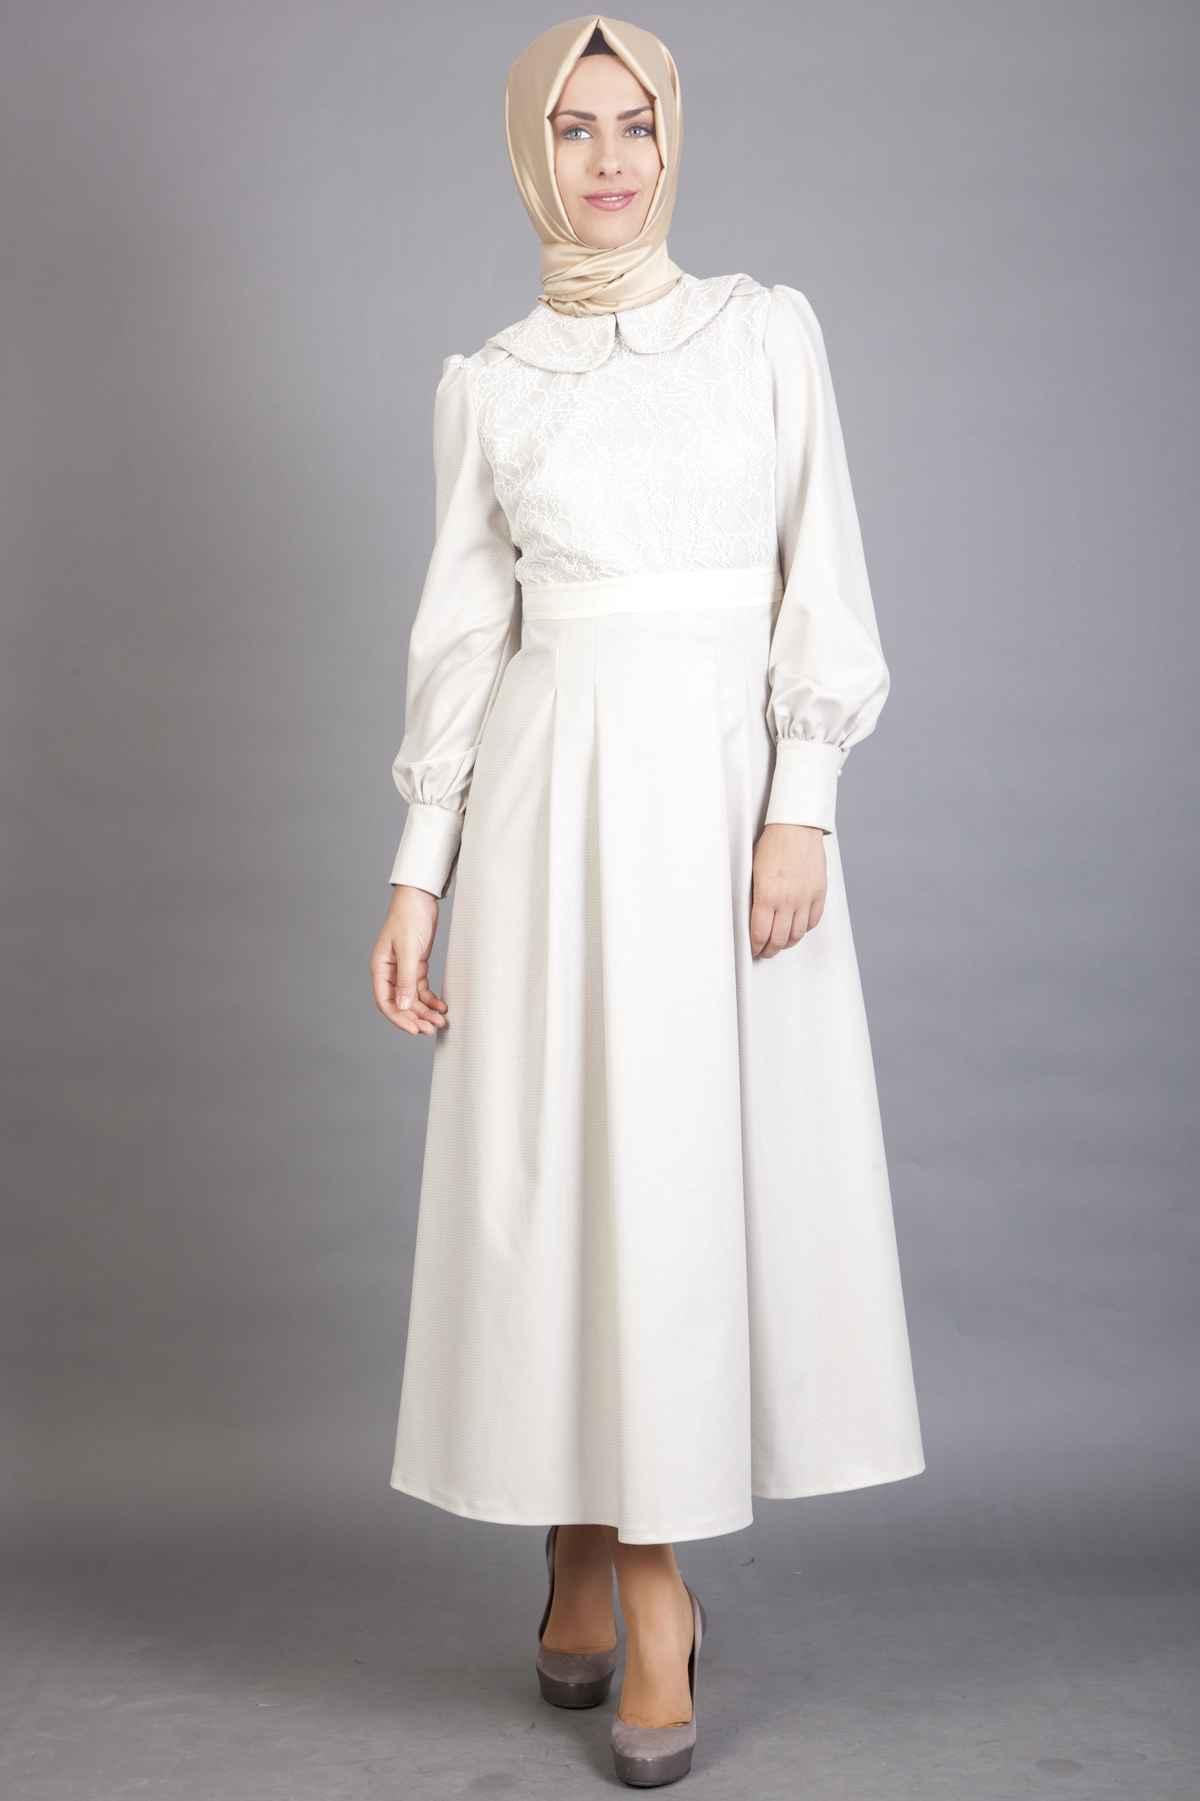 Bebe Yaka Modern Tesettür Elbise Modelleri